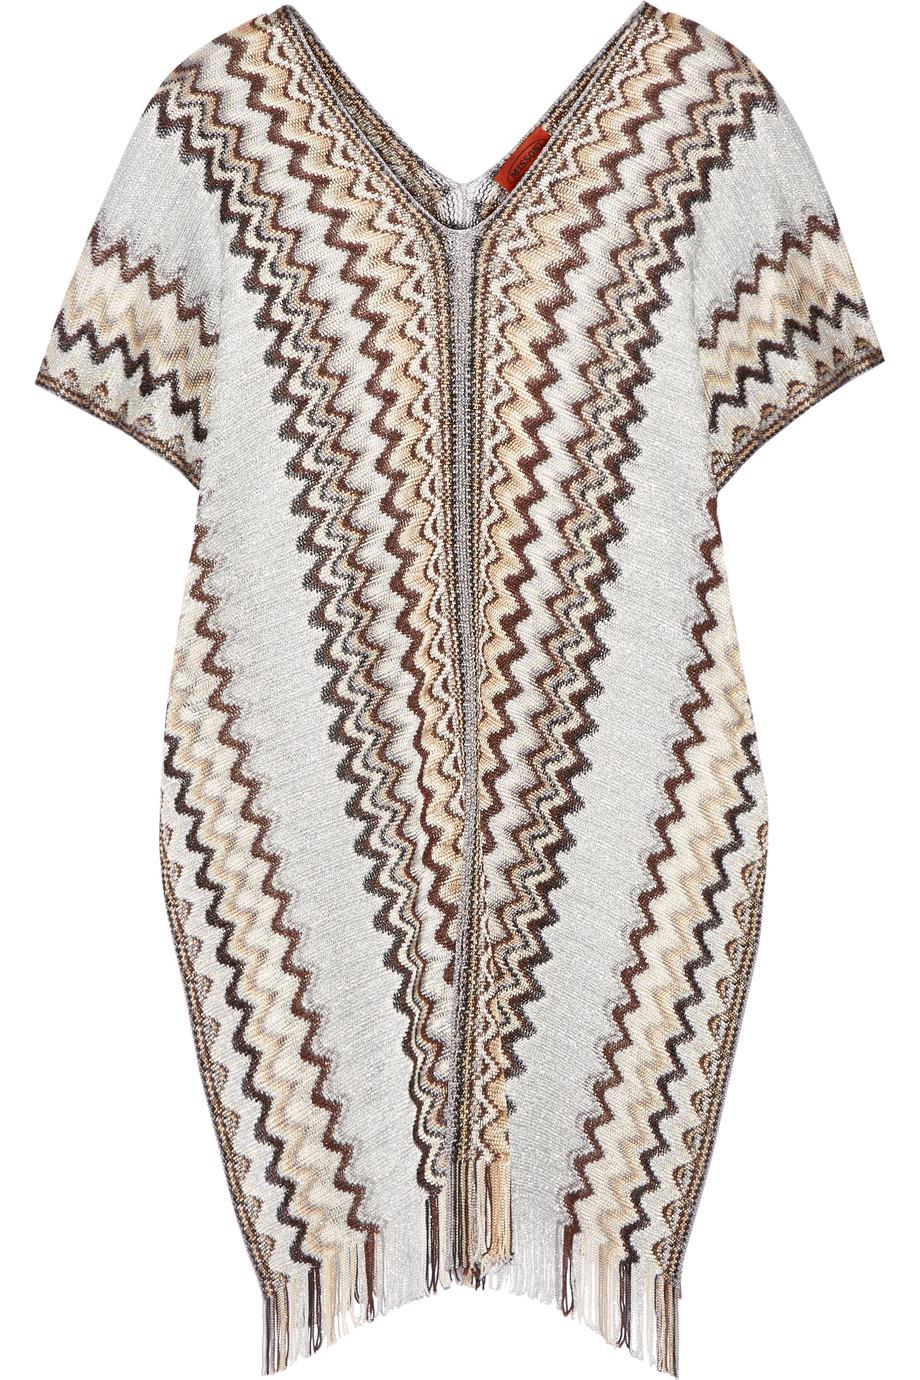 Missoni Metallic Crochet-Knit Poncho, Silver/Gray, Women's